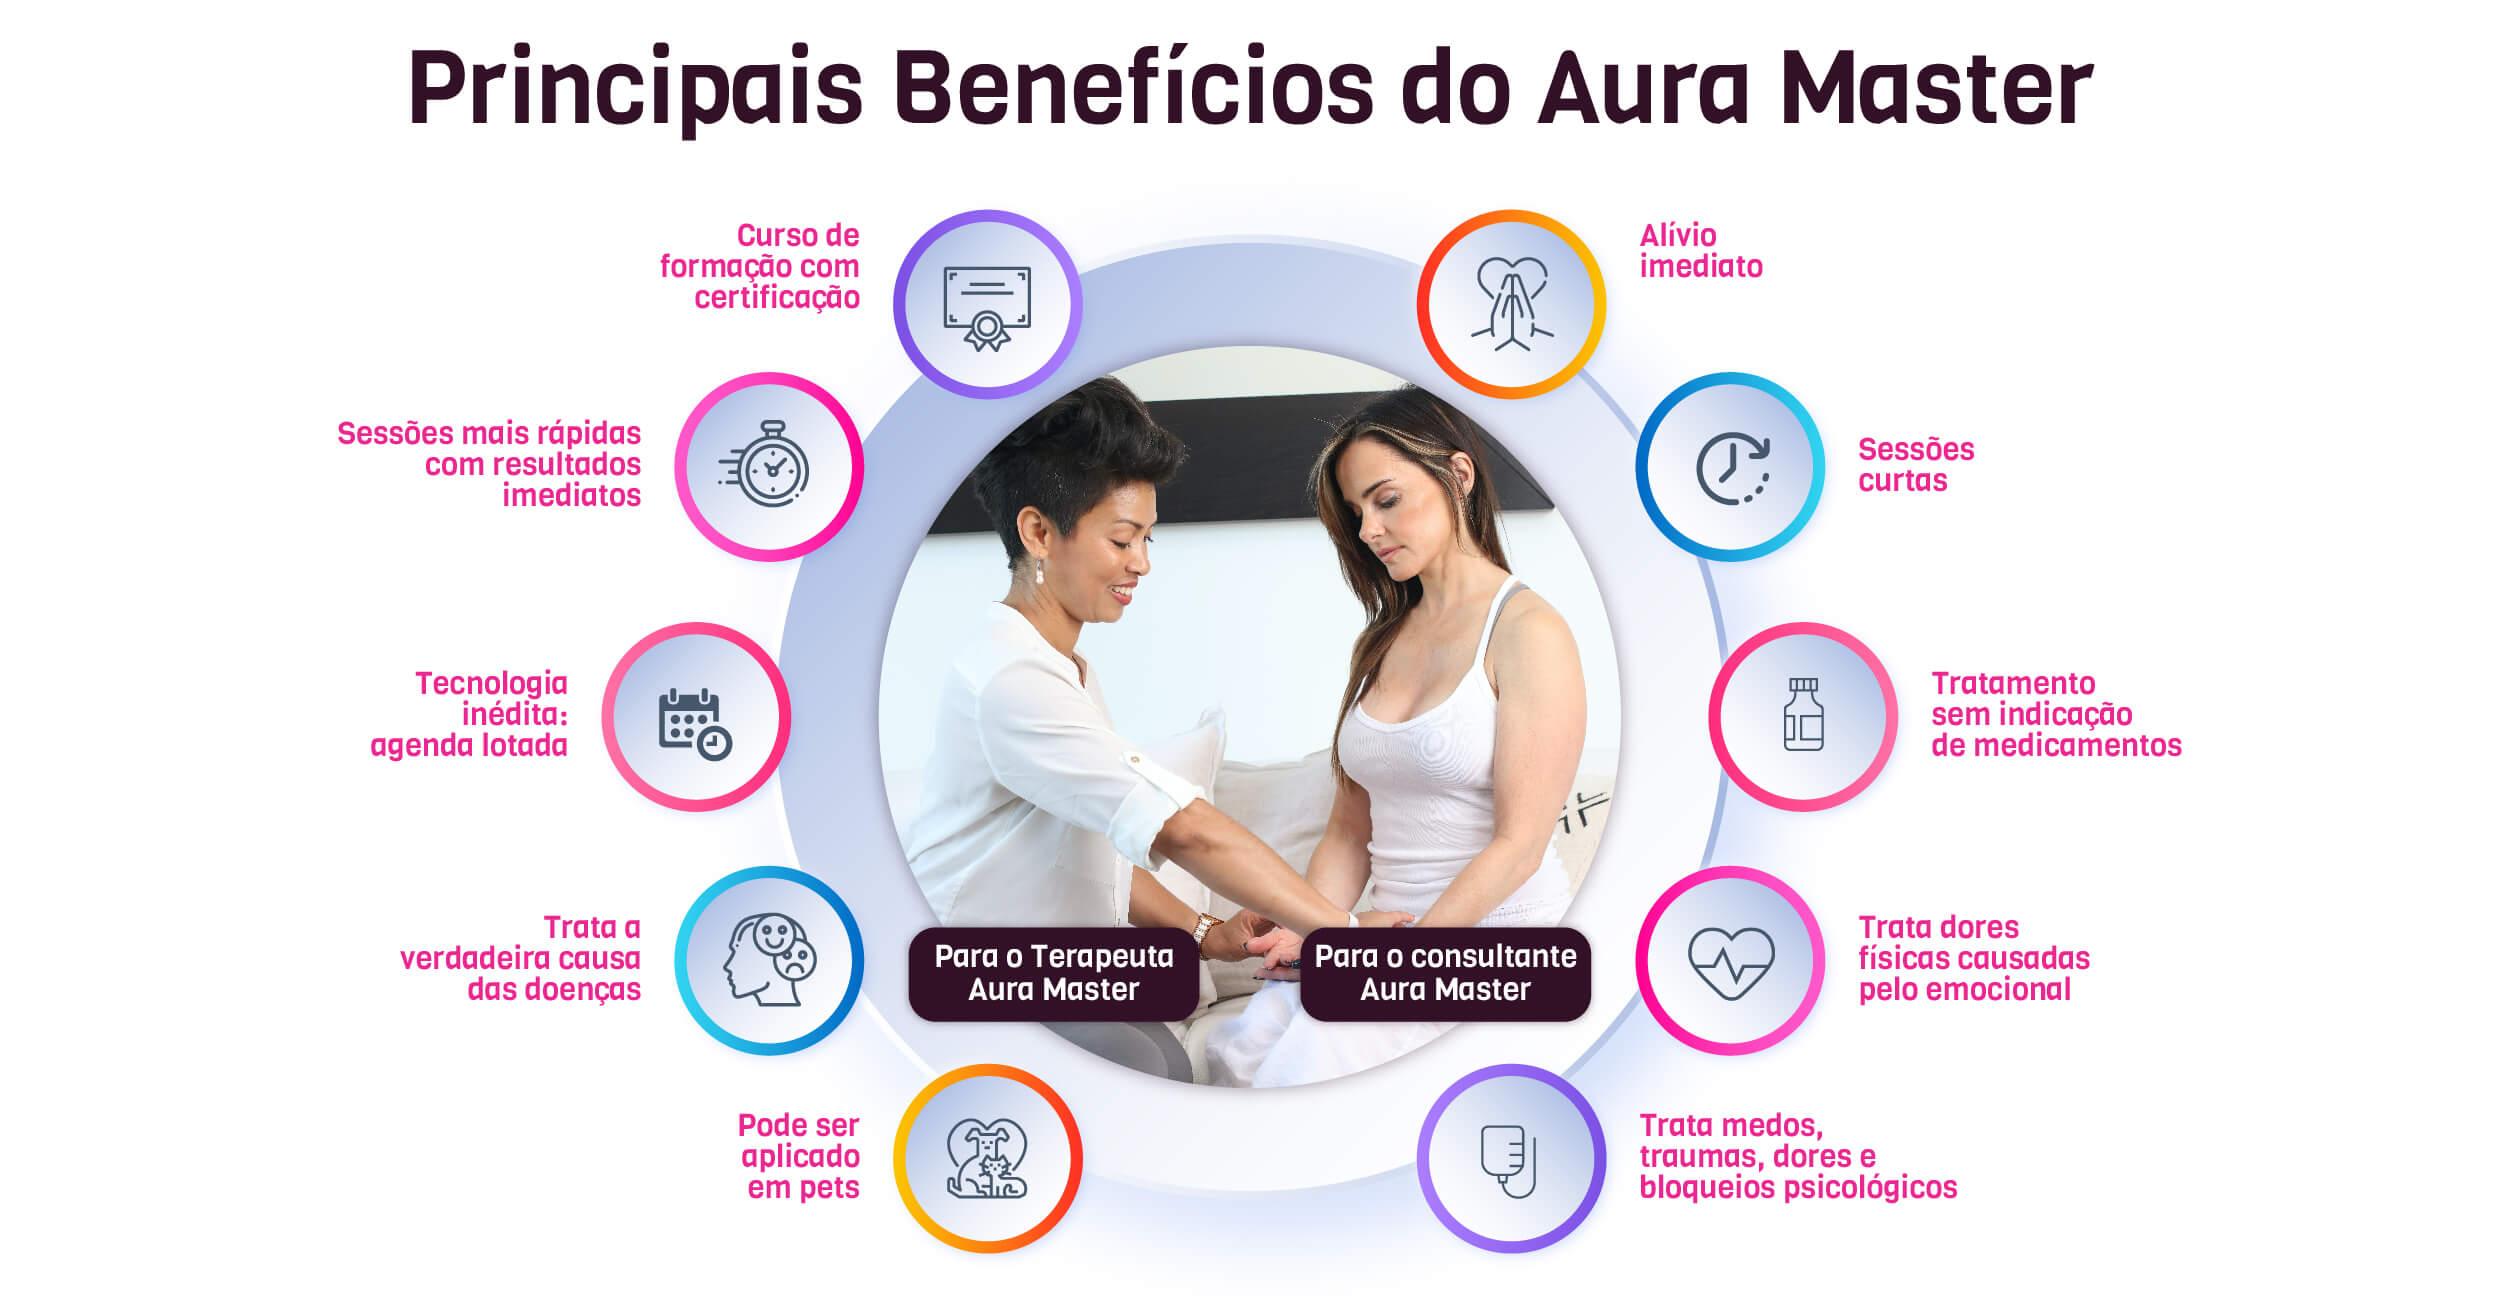 infográfico-benefícios-aura-master-luz-da-serra